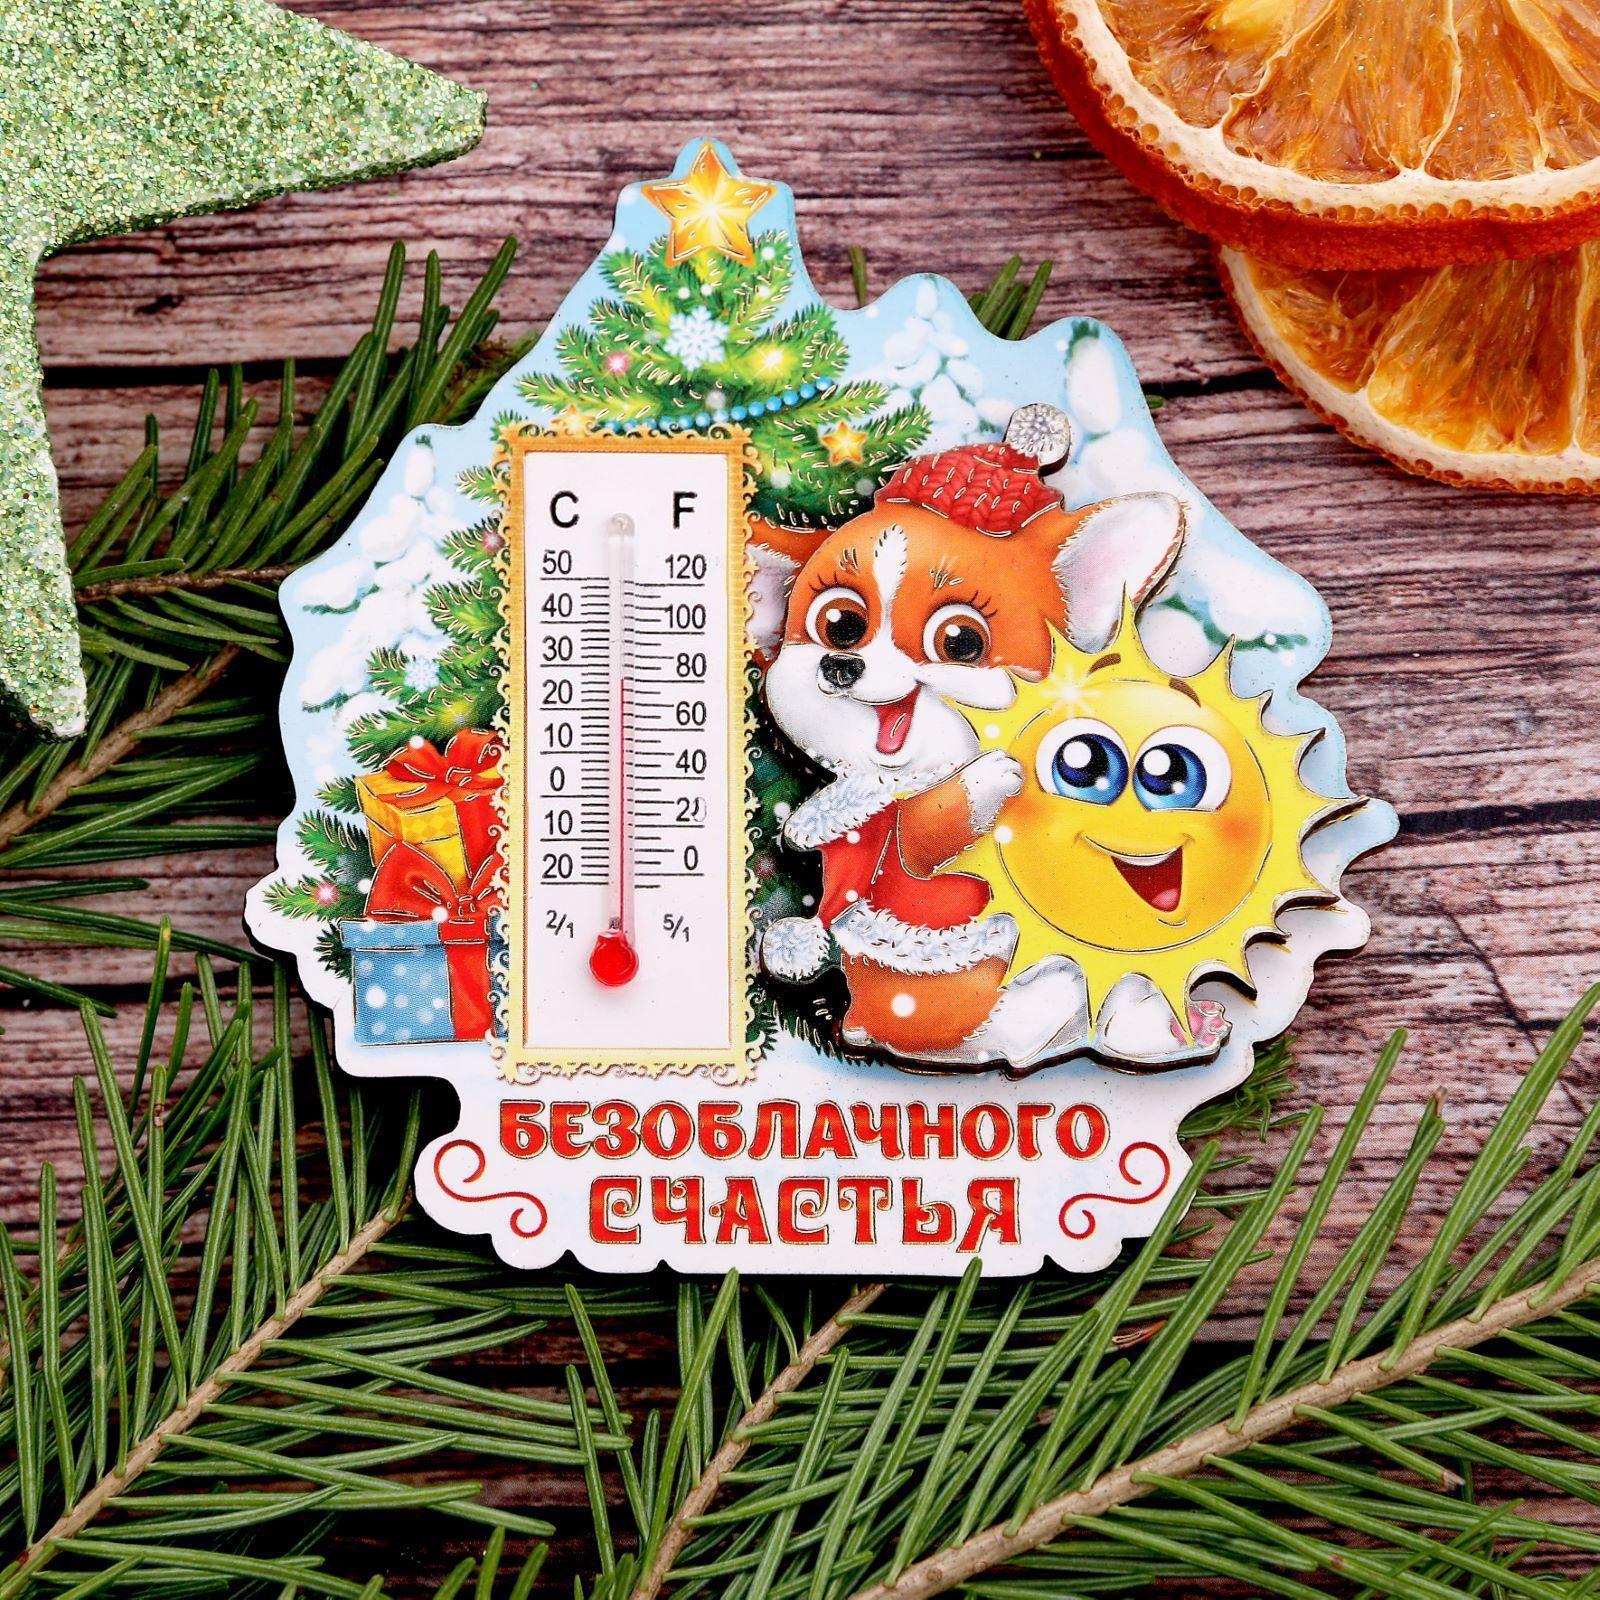 Магнит Sima-land Безоблачного счастья, с термометром, 8,5 х 8,6 см1982803Порадуйте родных и близких оригинальным сувениром: преподнесите в подарок магнит. С ним даже самый серьёзный человек почувствует себя ребёнком, ожидающим чудо! Создайте праздничное настроение, и оно останется с вами на весь год.